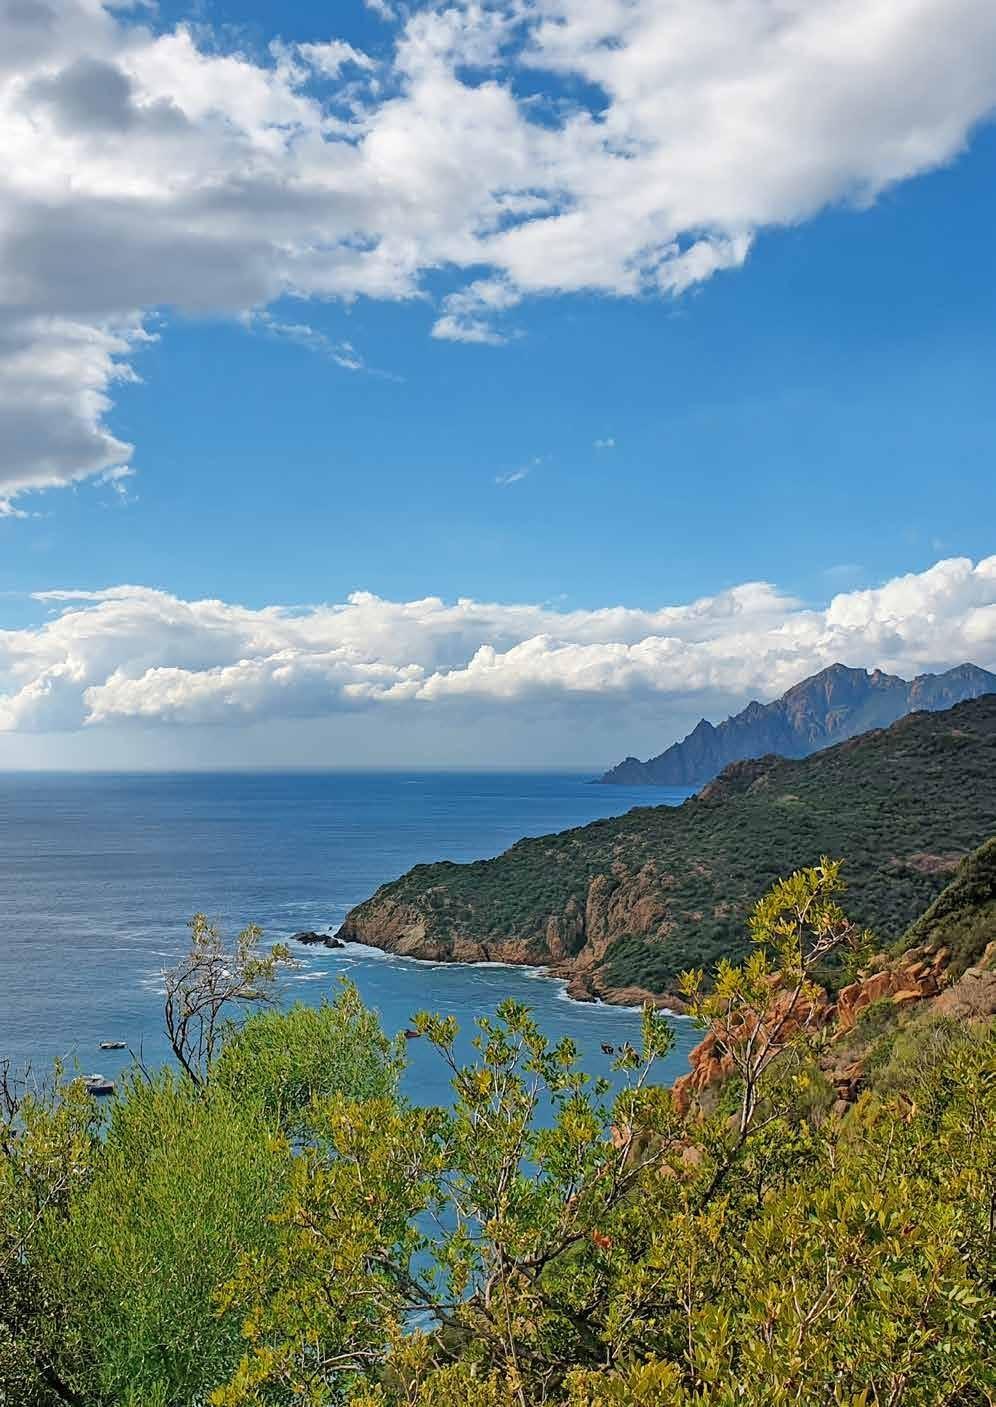 Page 36 of Auf Reisen Vom Gebirge im Meer. Korsika lockt